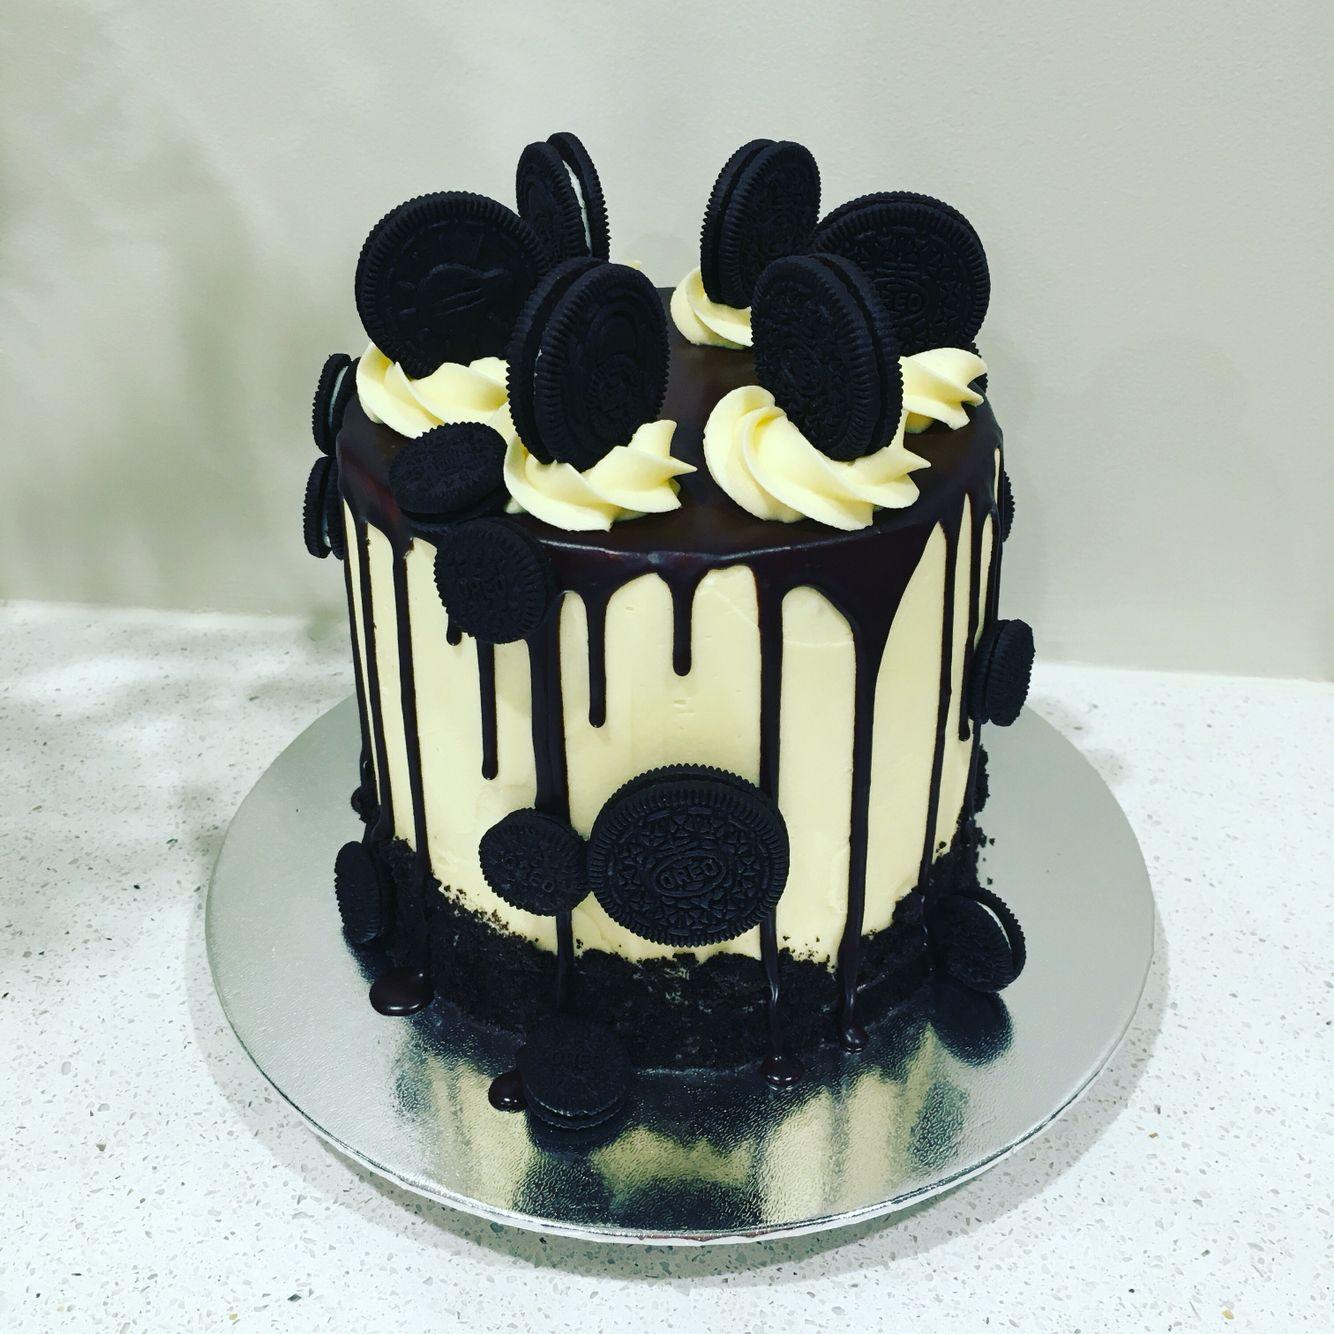 4 Layer Vanilla & Chocolate Oreo Drip Cake In 2019